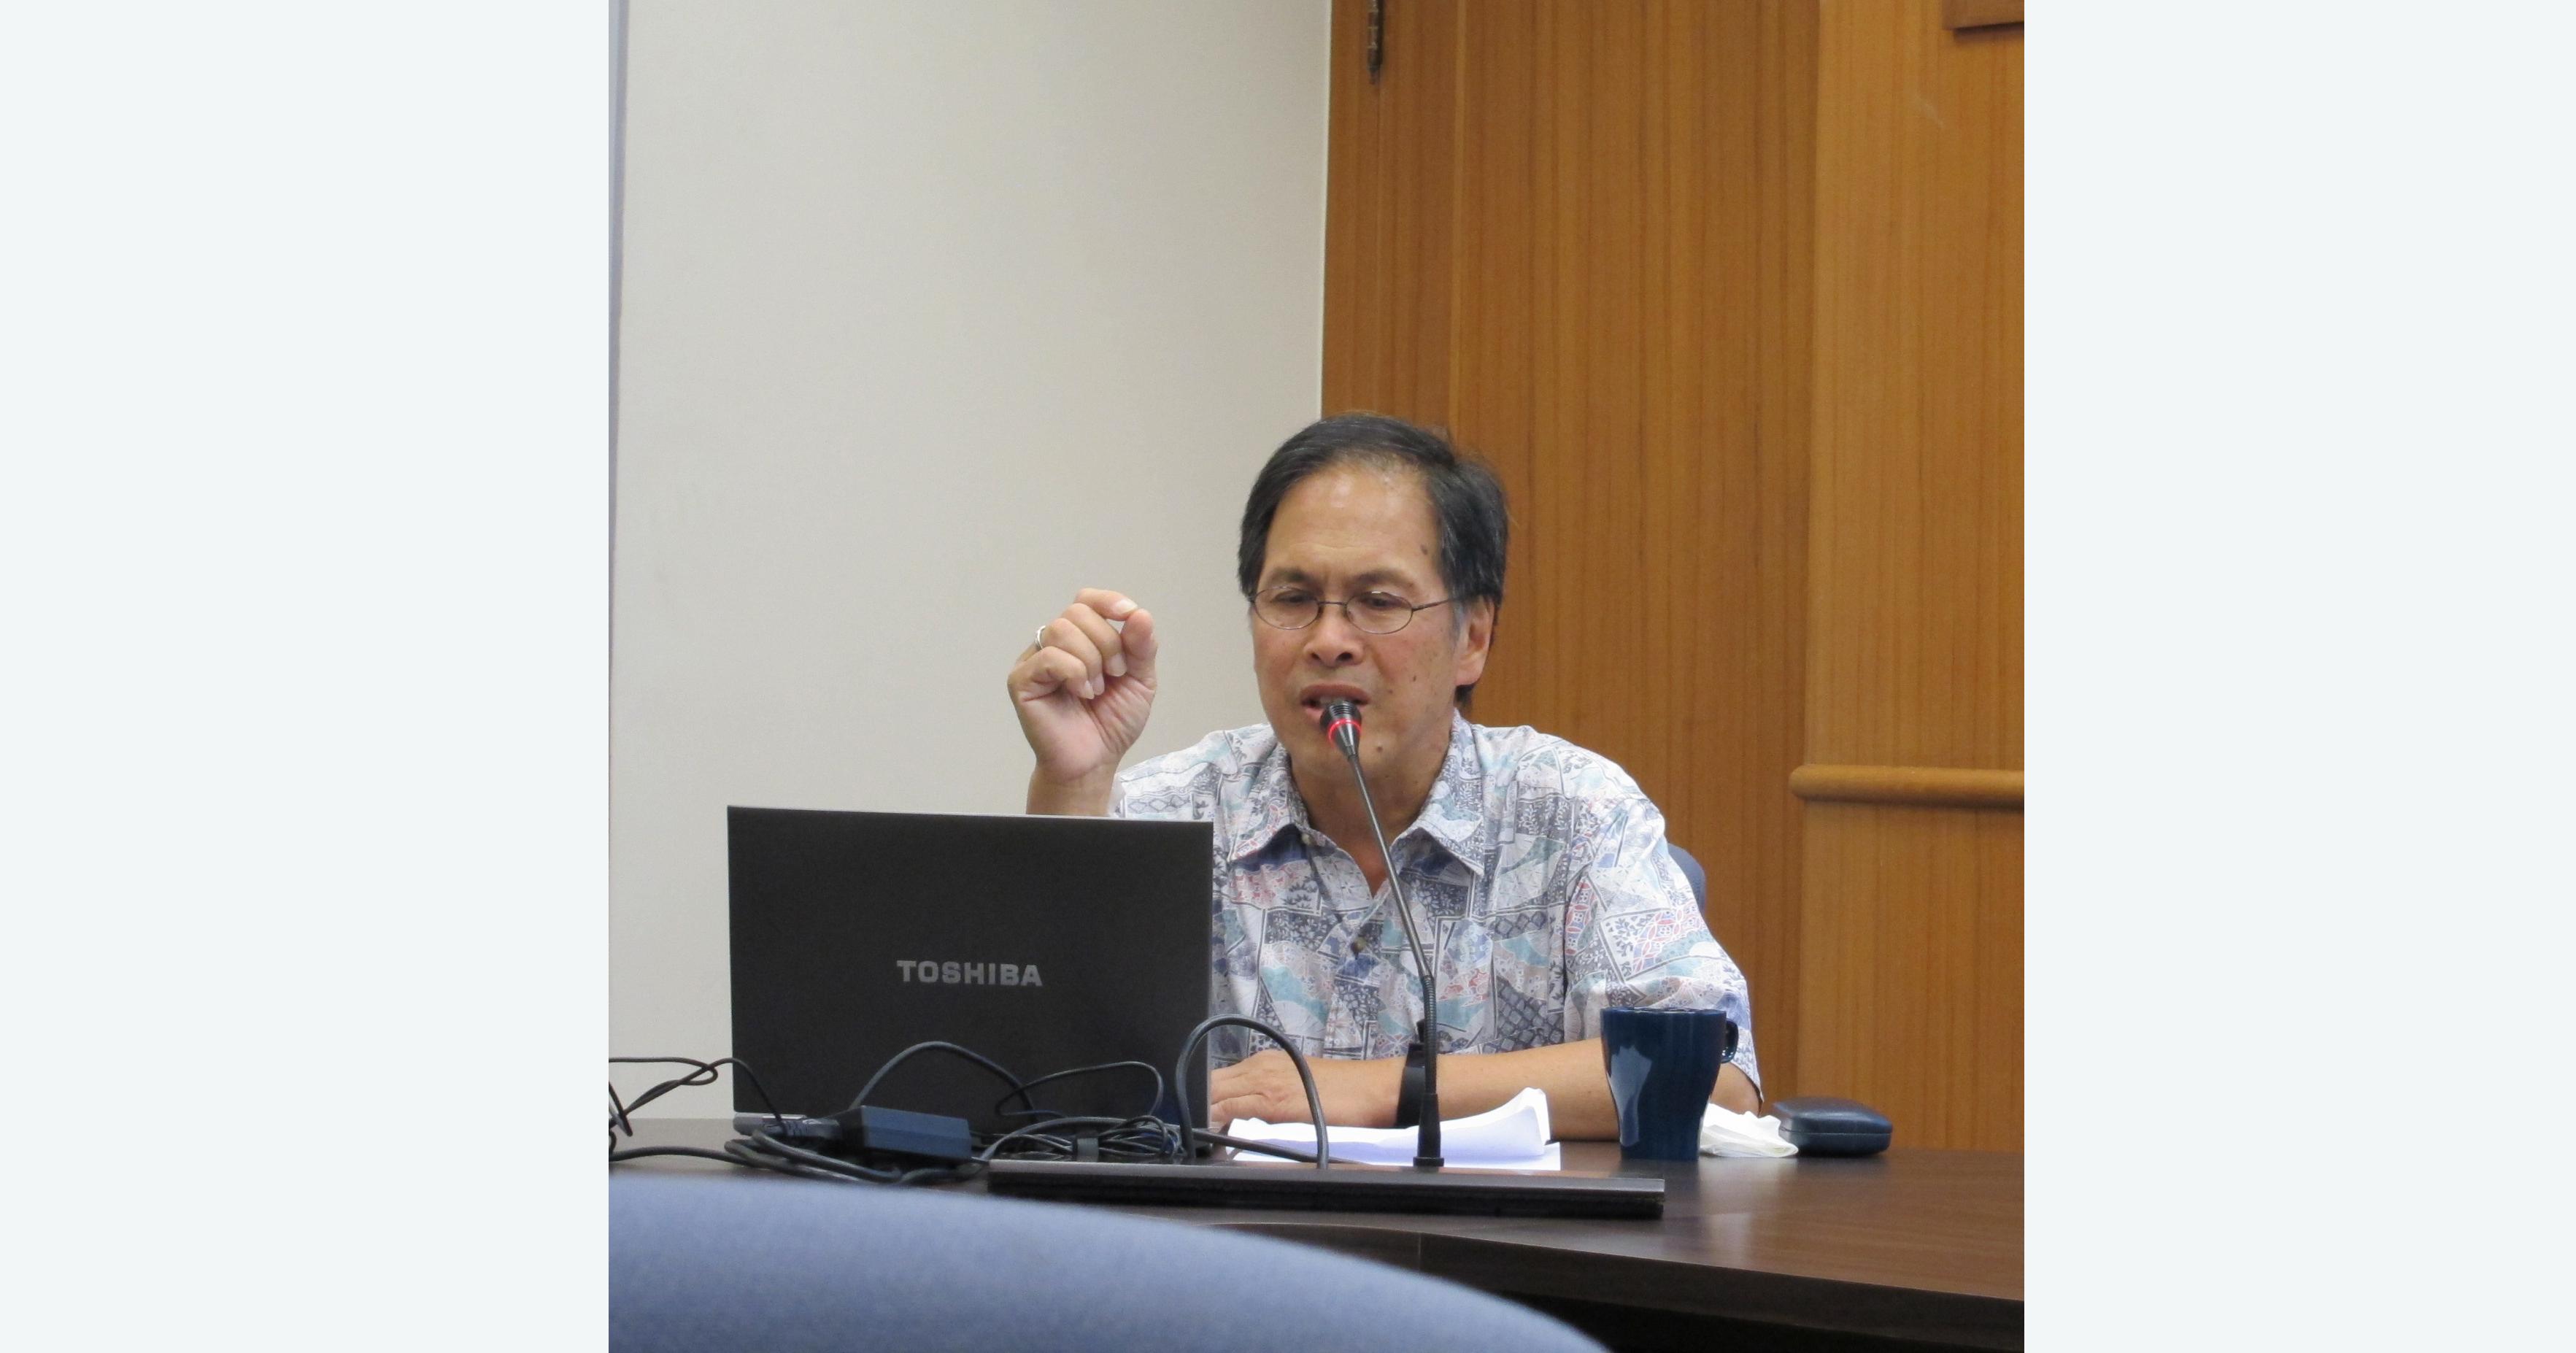 王國斌教授演講「中國歷史所提供的國家治理經驗」紀要